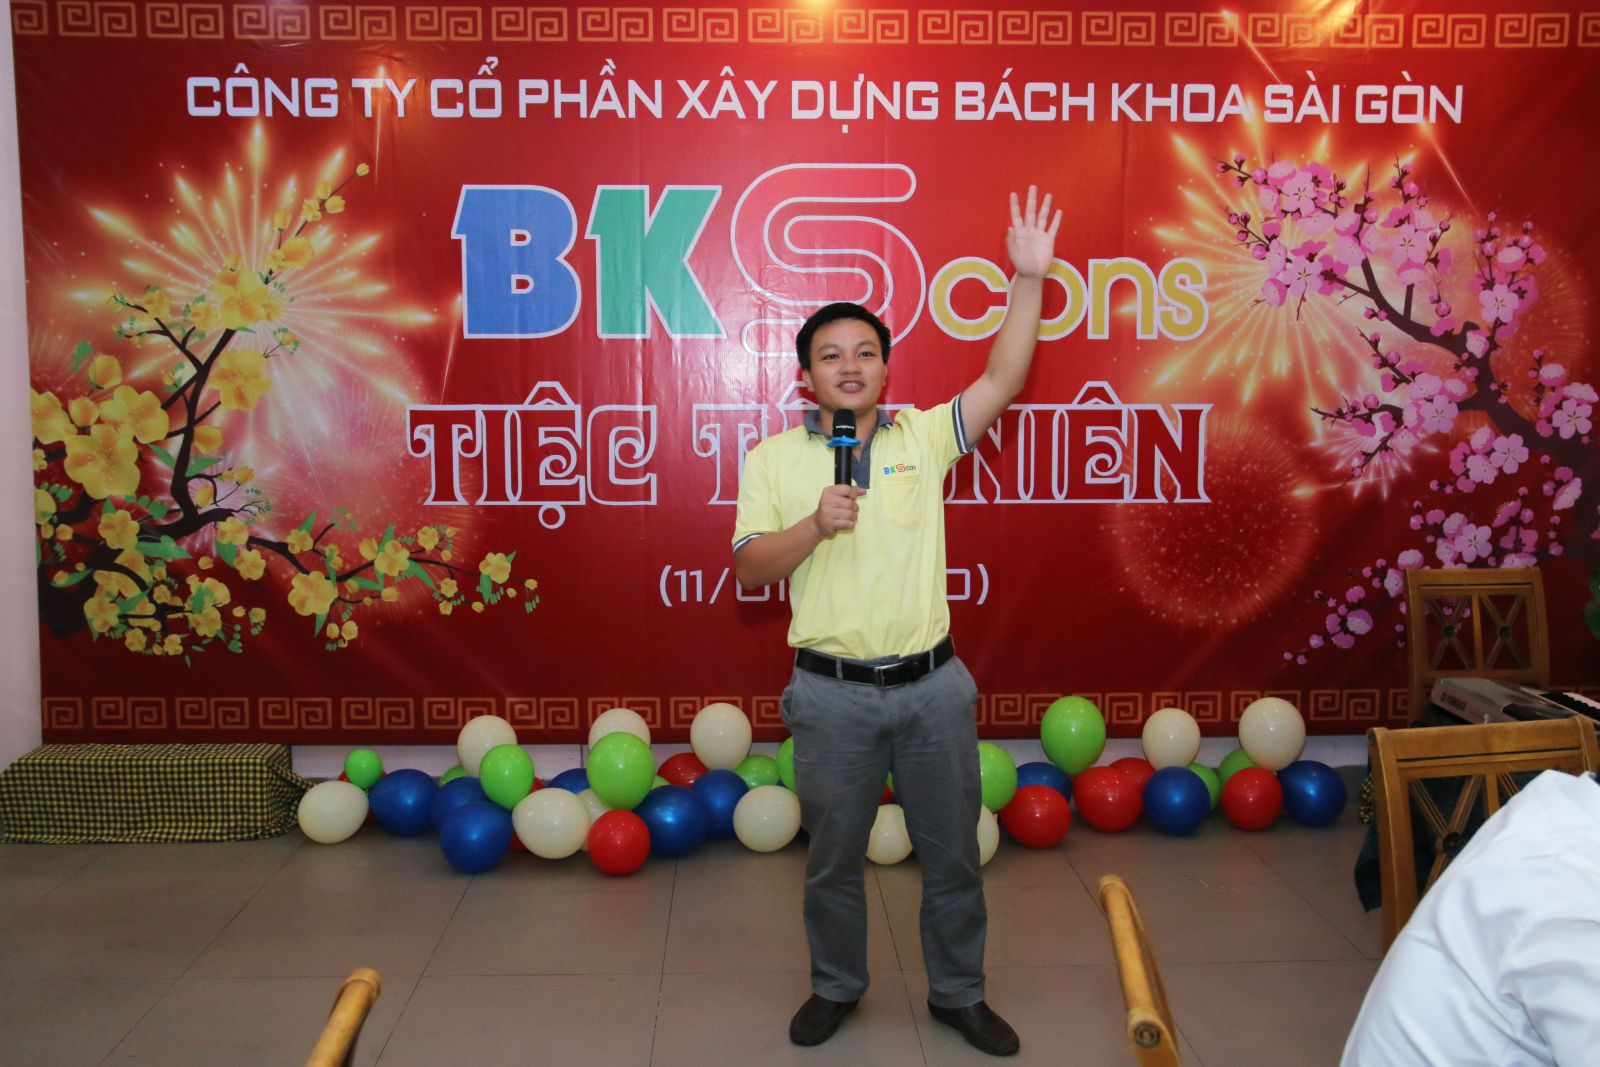 Ông Đào Văn Huân - Tổng giám đốc công ty